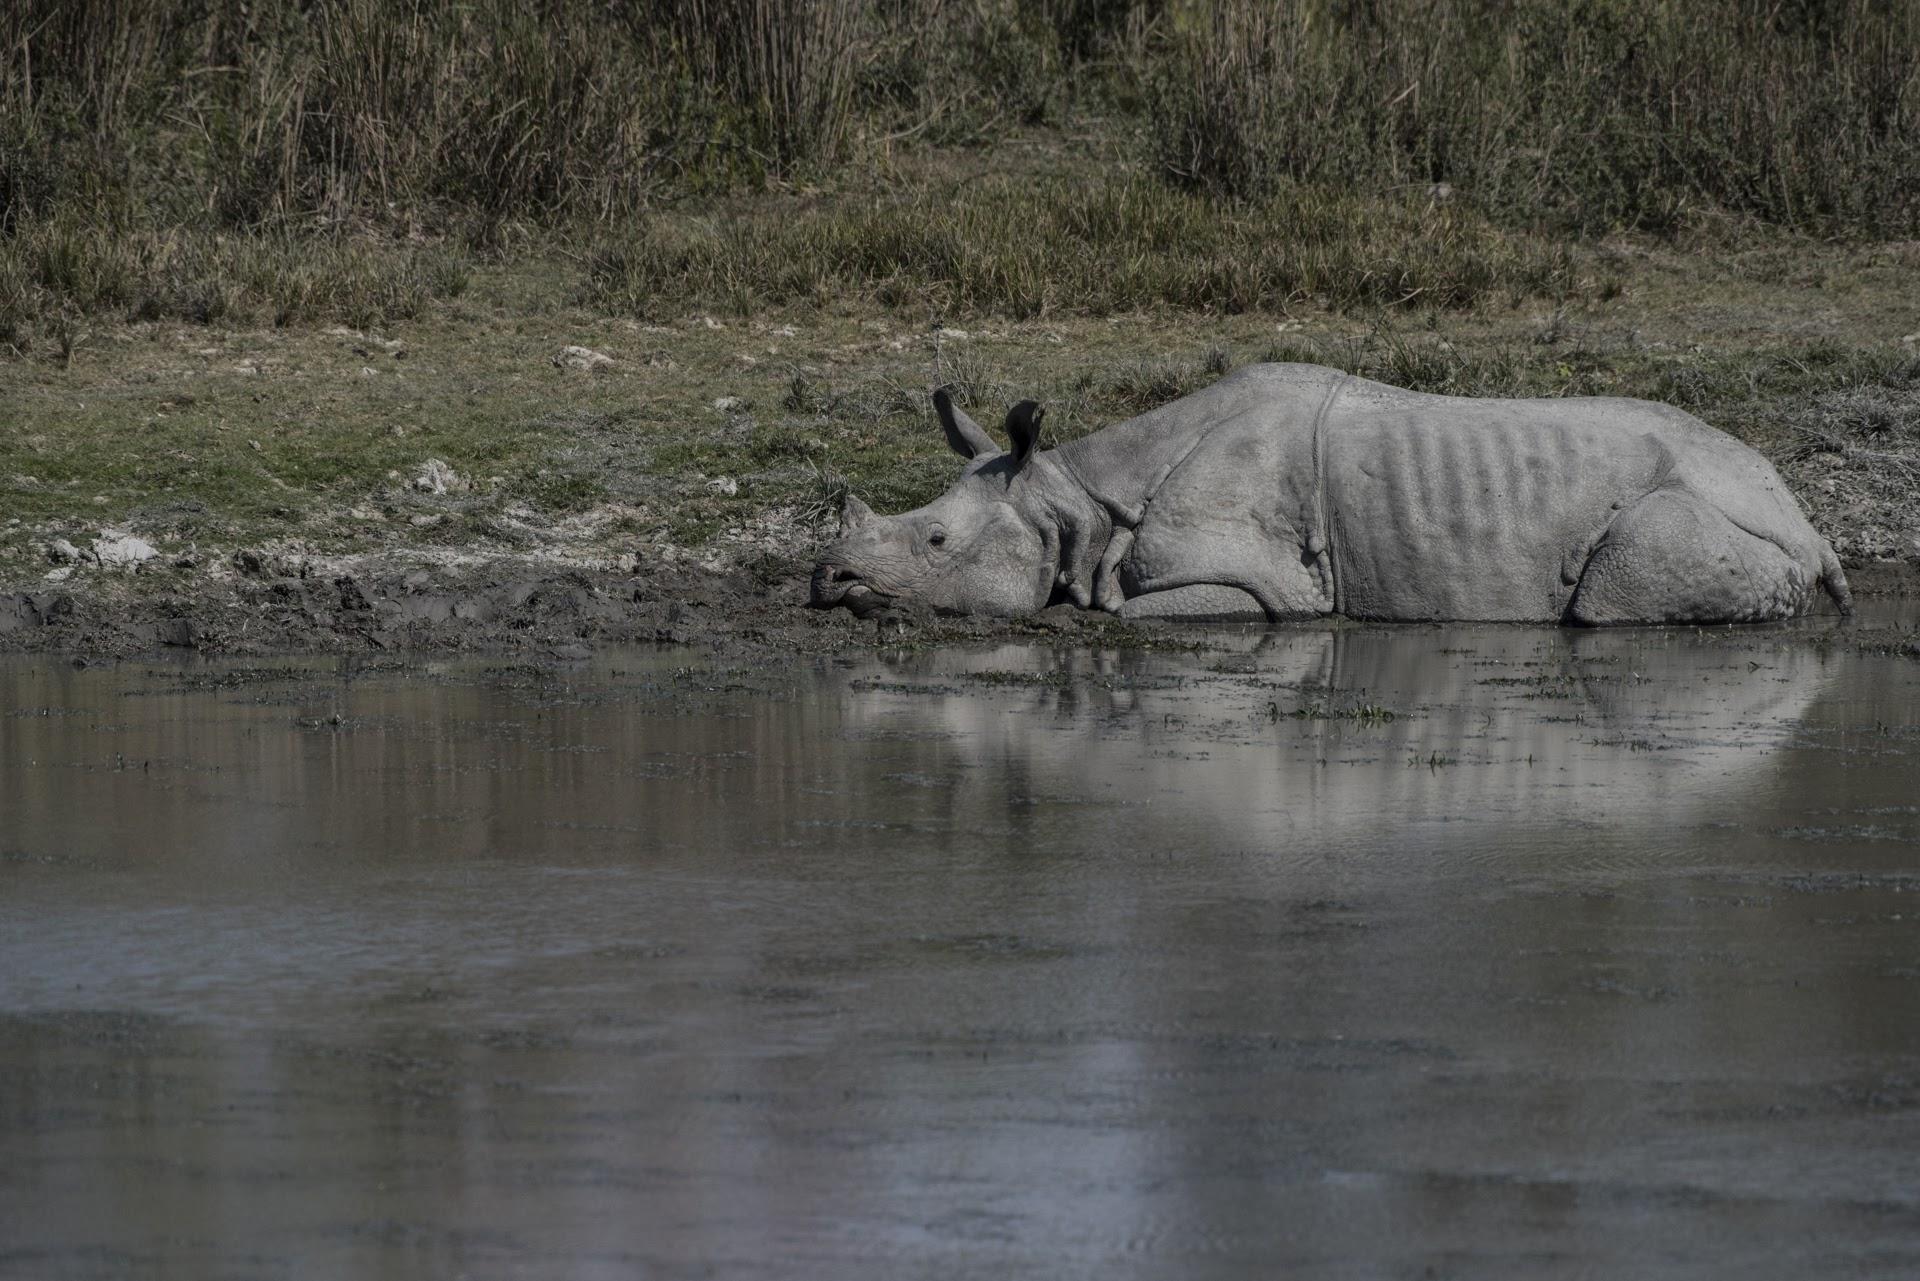 Rhino in the water - Kaziranga